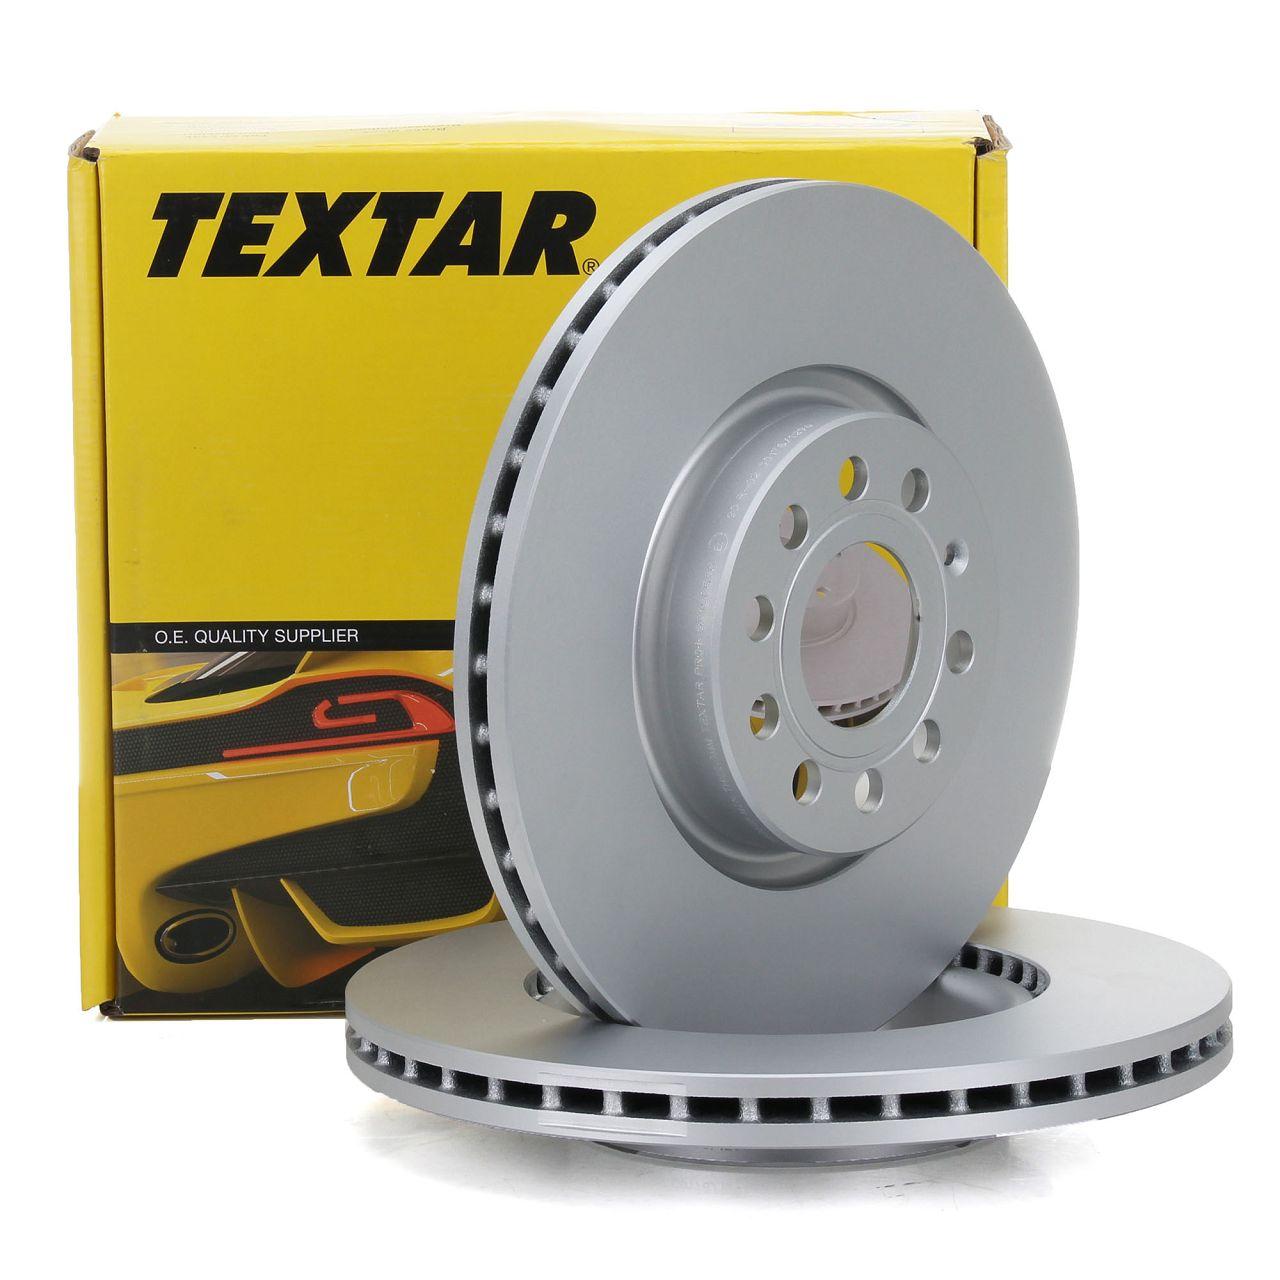 TEXTAR 92120505 Bremsscheiben Satz AUDI A1 A3 Q3 VW Golf 5 6 7 Passat Tiguan vorne